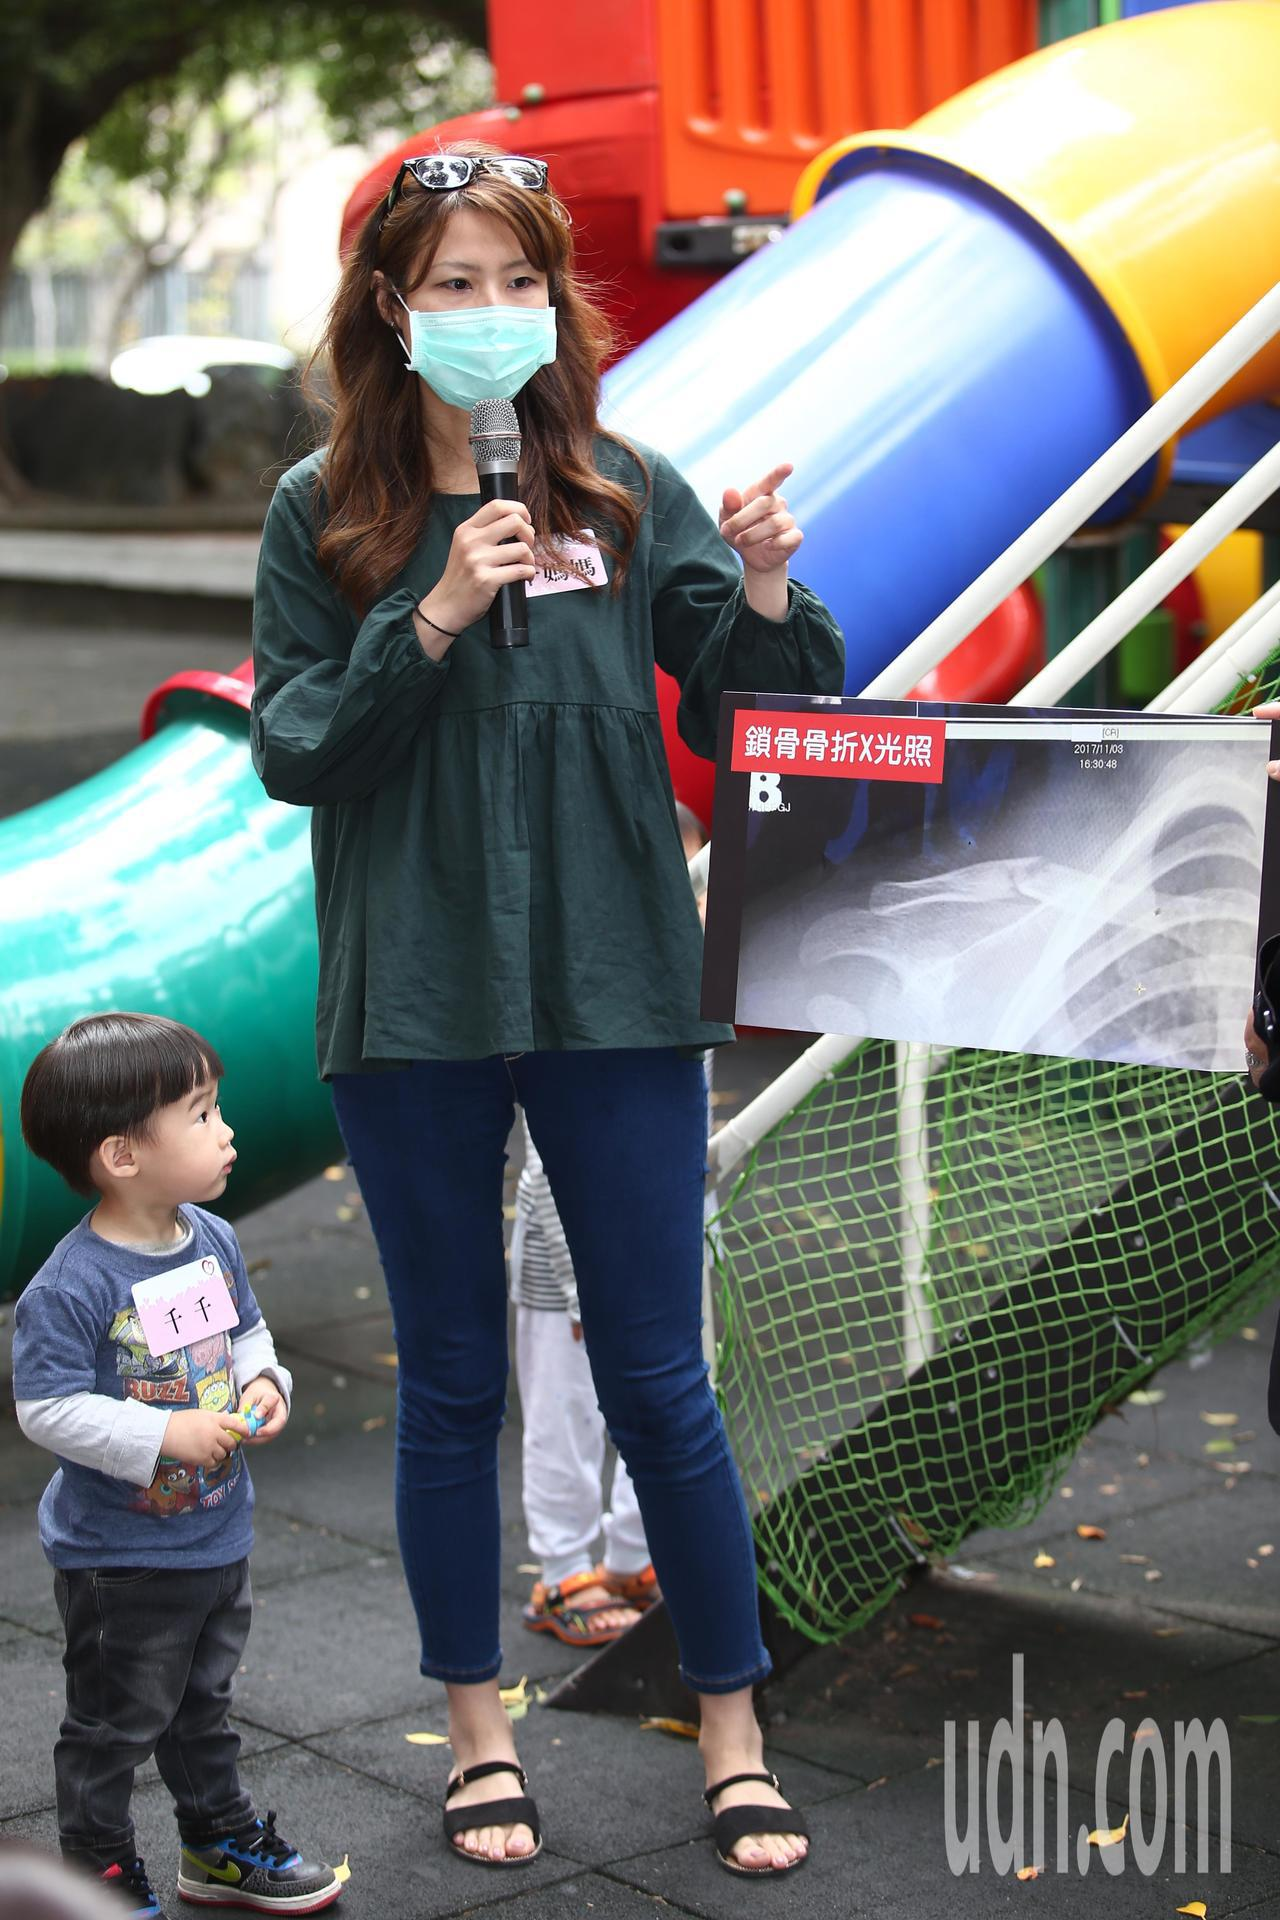 靖娟兒童安全文教基金會上午舉行「兒童遊戲權淪口號 6歲以下幼兒無處玩」記者會,批...